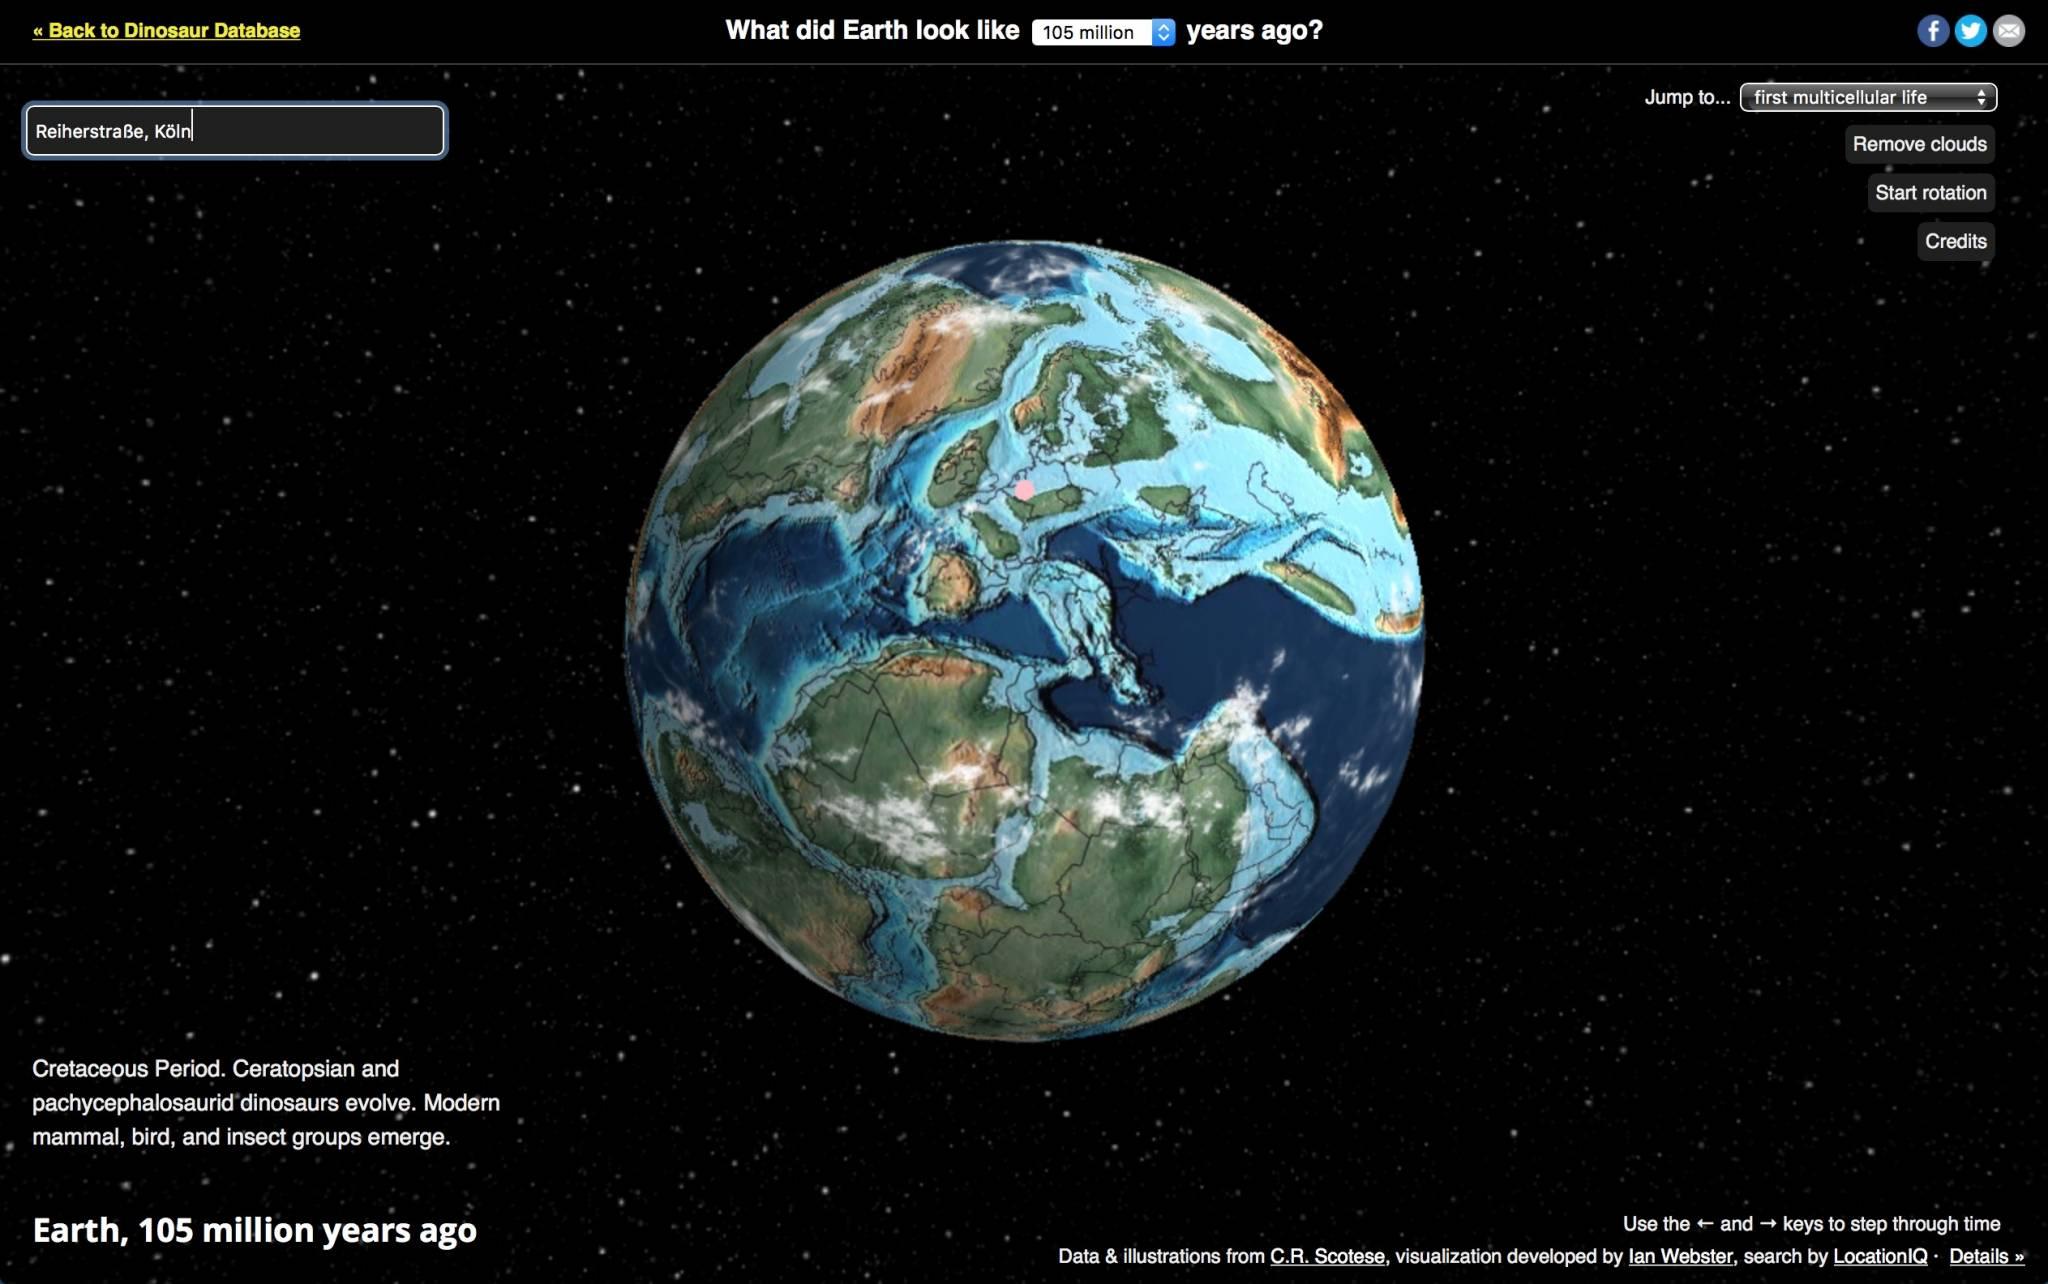 Der Ancient-Earth-Globe zeigt die Welt, wie sie früher war. Inklusive Adresssuche. (Bild: Screenshot dinosaurpictures.org)